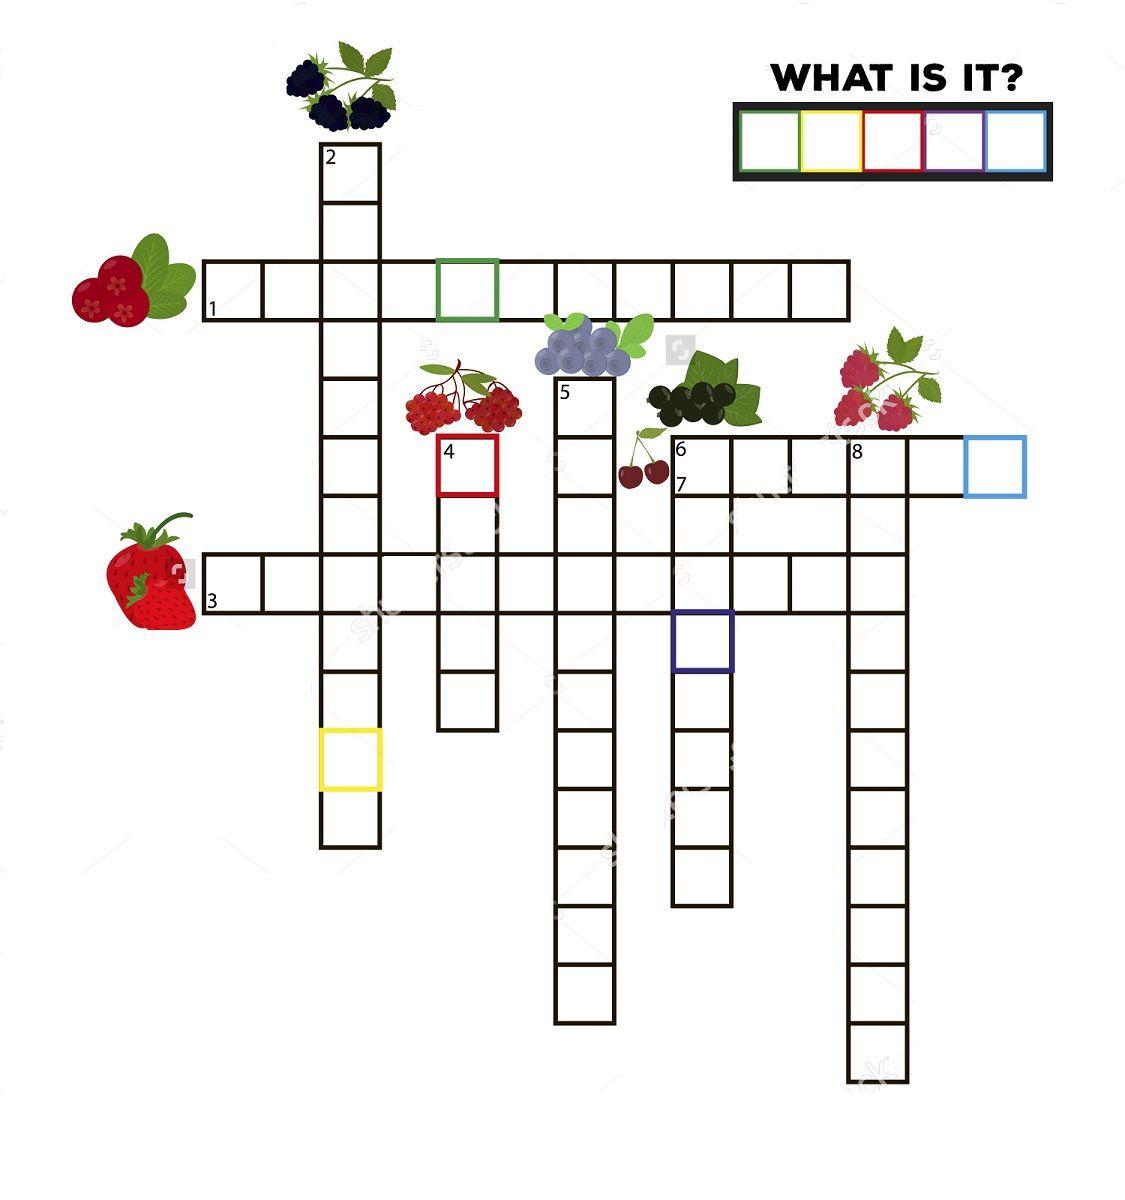 Fruit Crossword Puzzles For Children K5 Worksheet Crossword Puzzles Crossword Craft Activities For Kids [ 1200 x 1125 Pixel ]